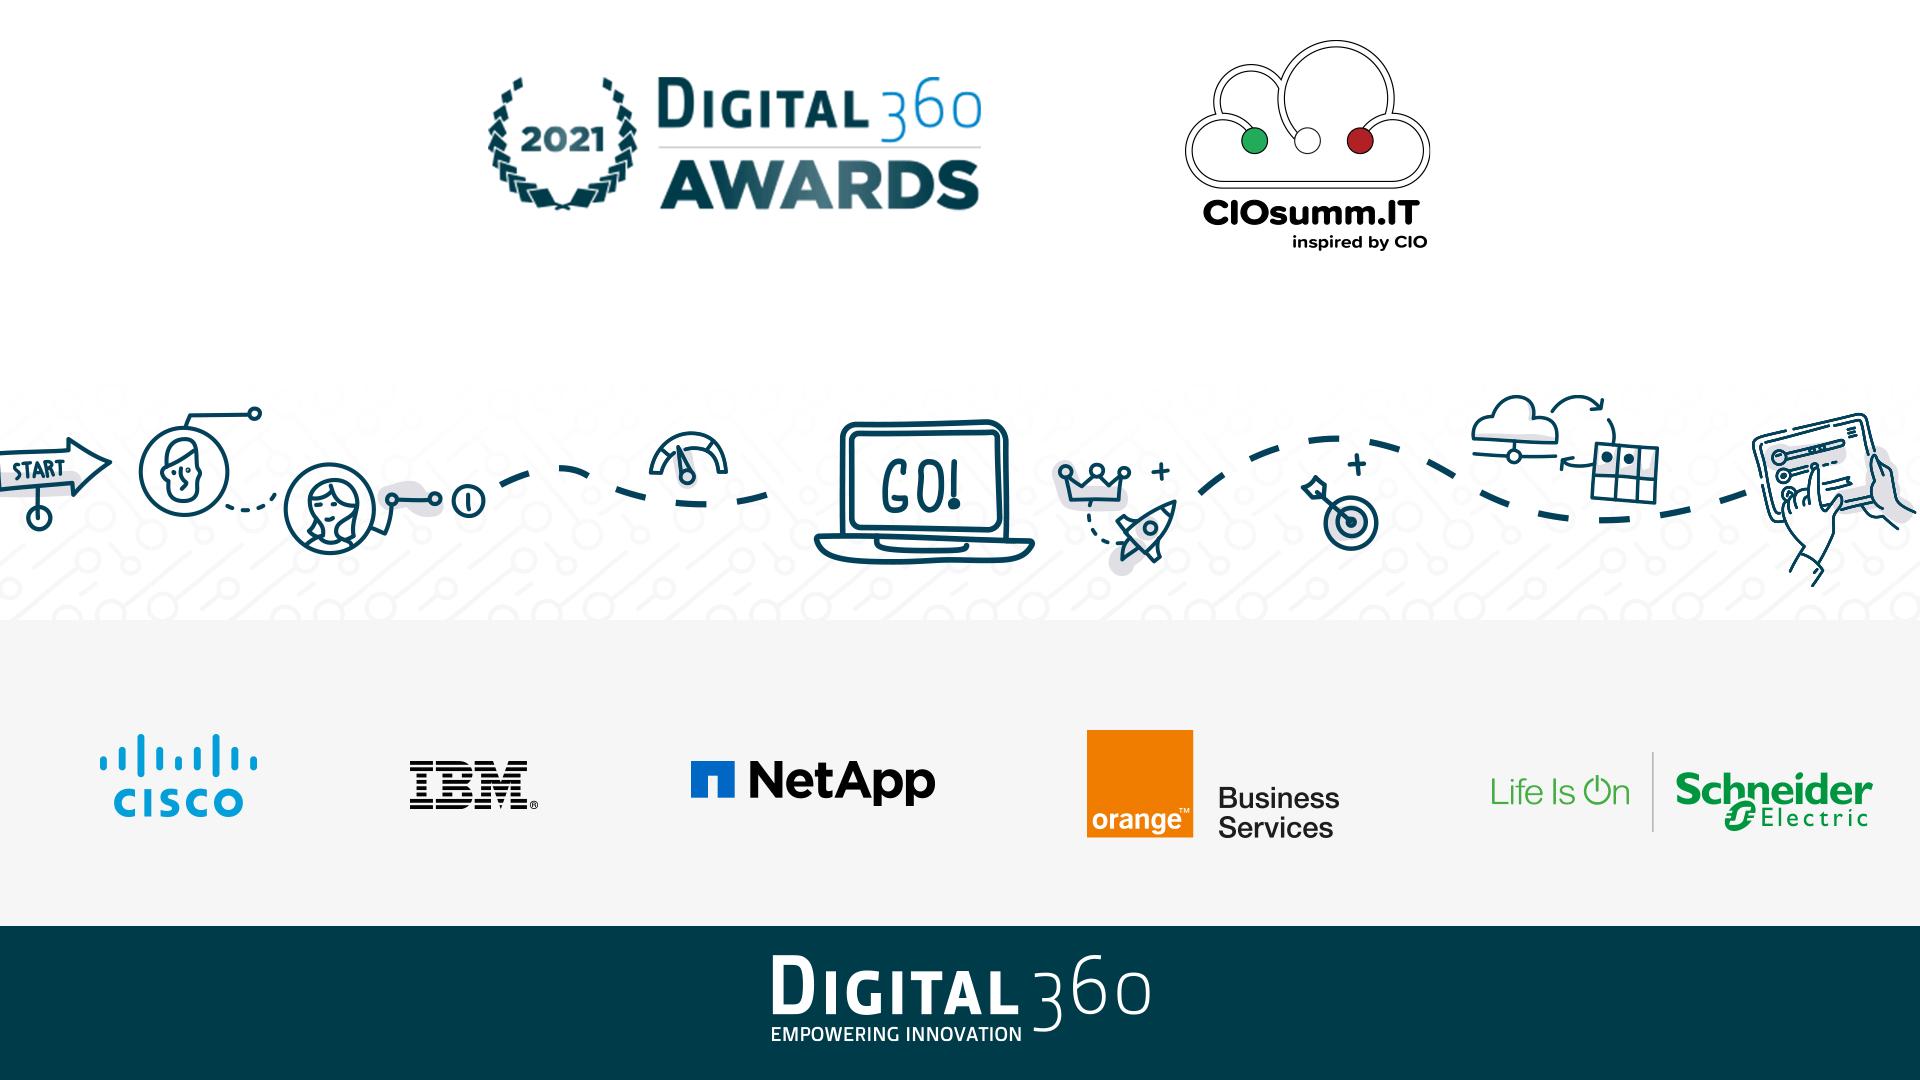 Awards2021